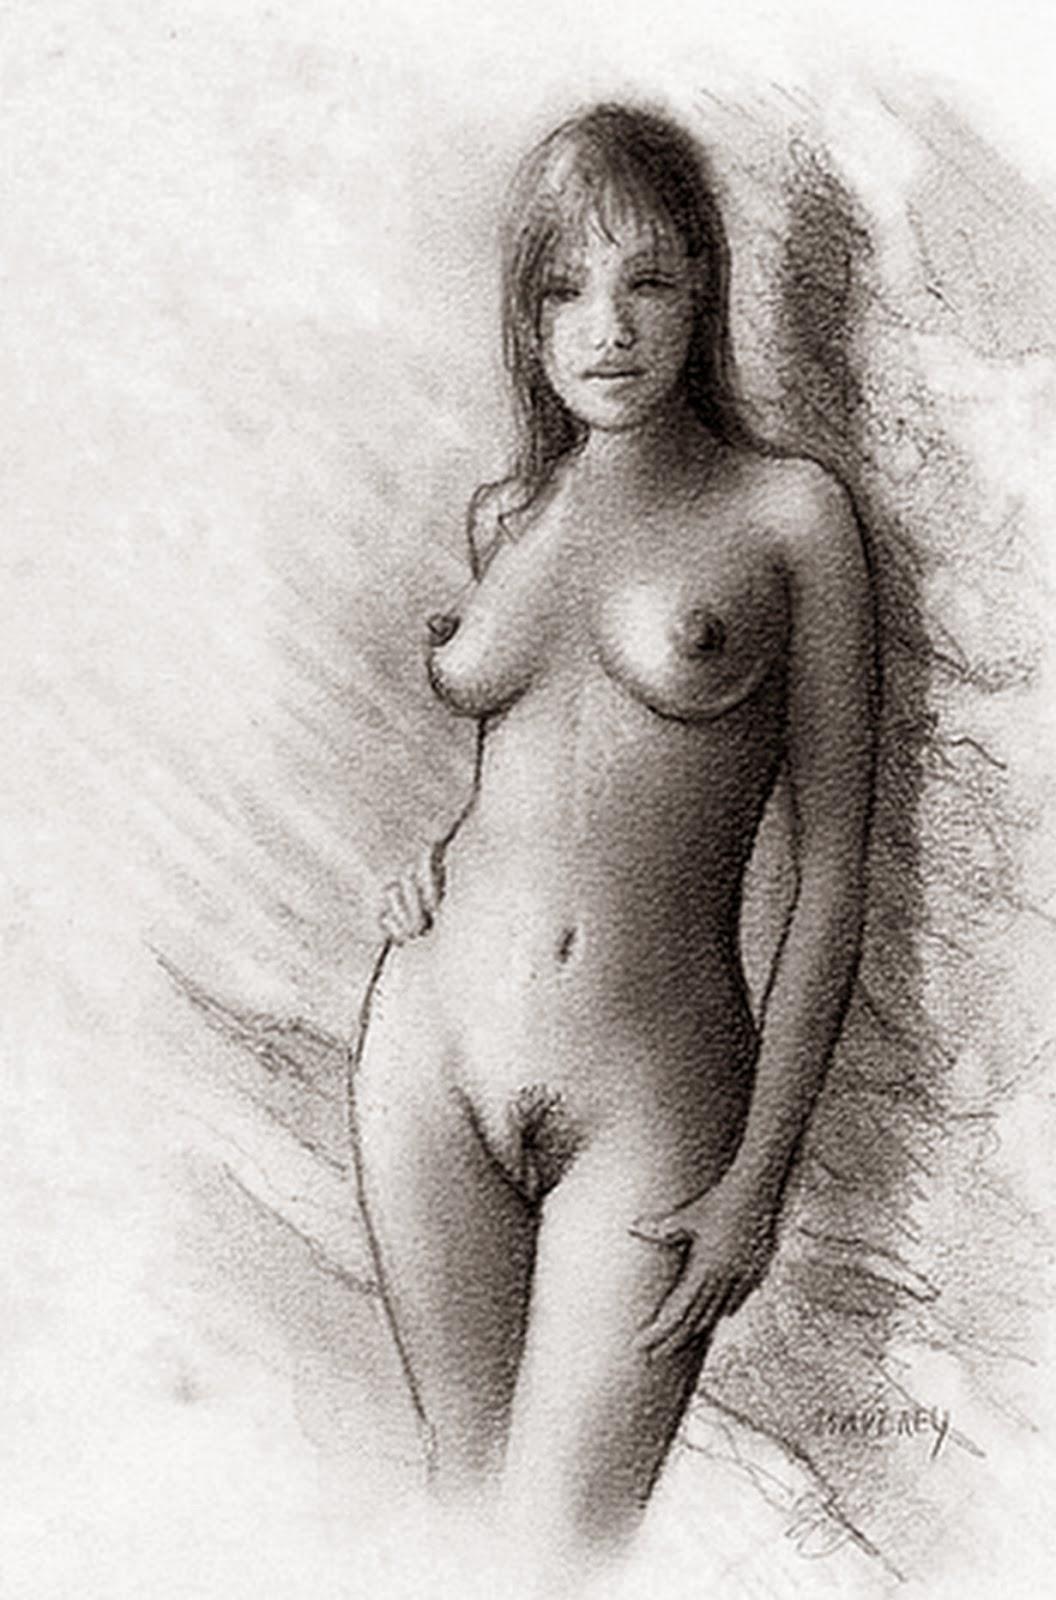 Vdeos porno de famosas desnudas follando: modelos y